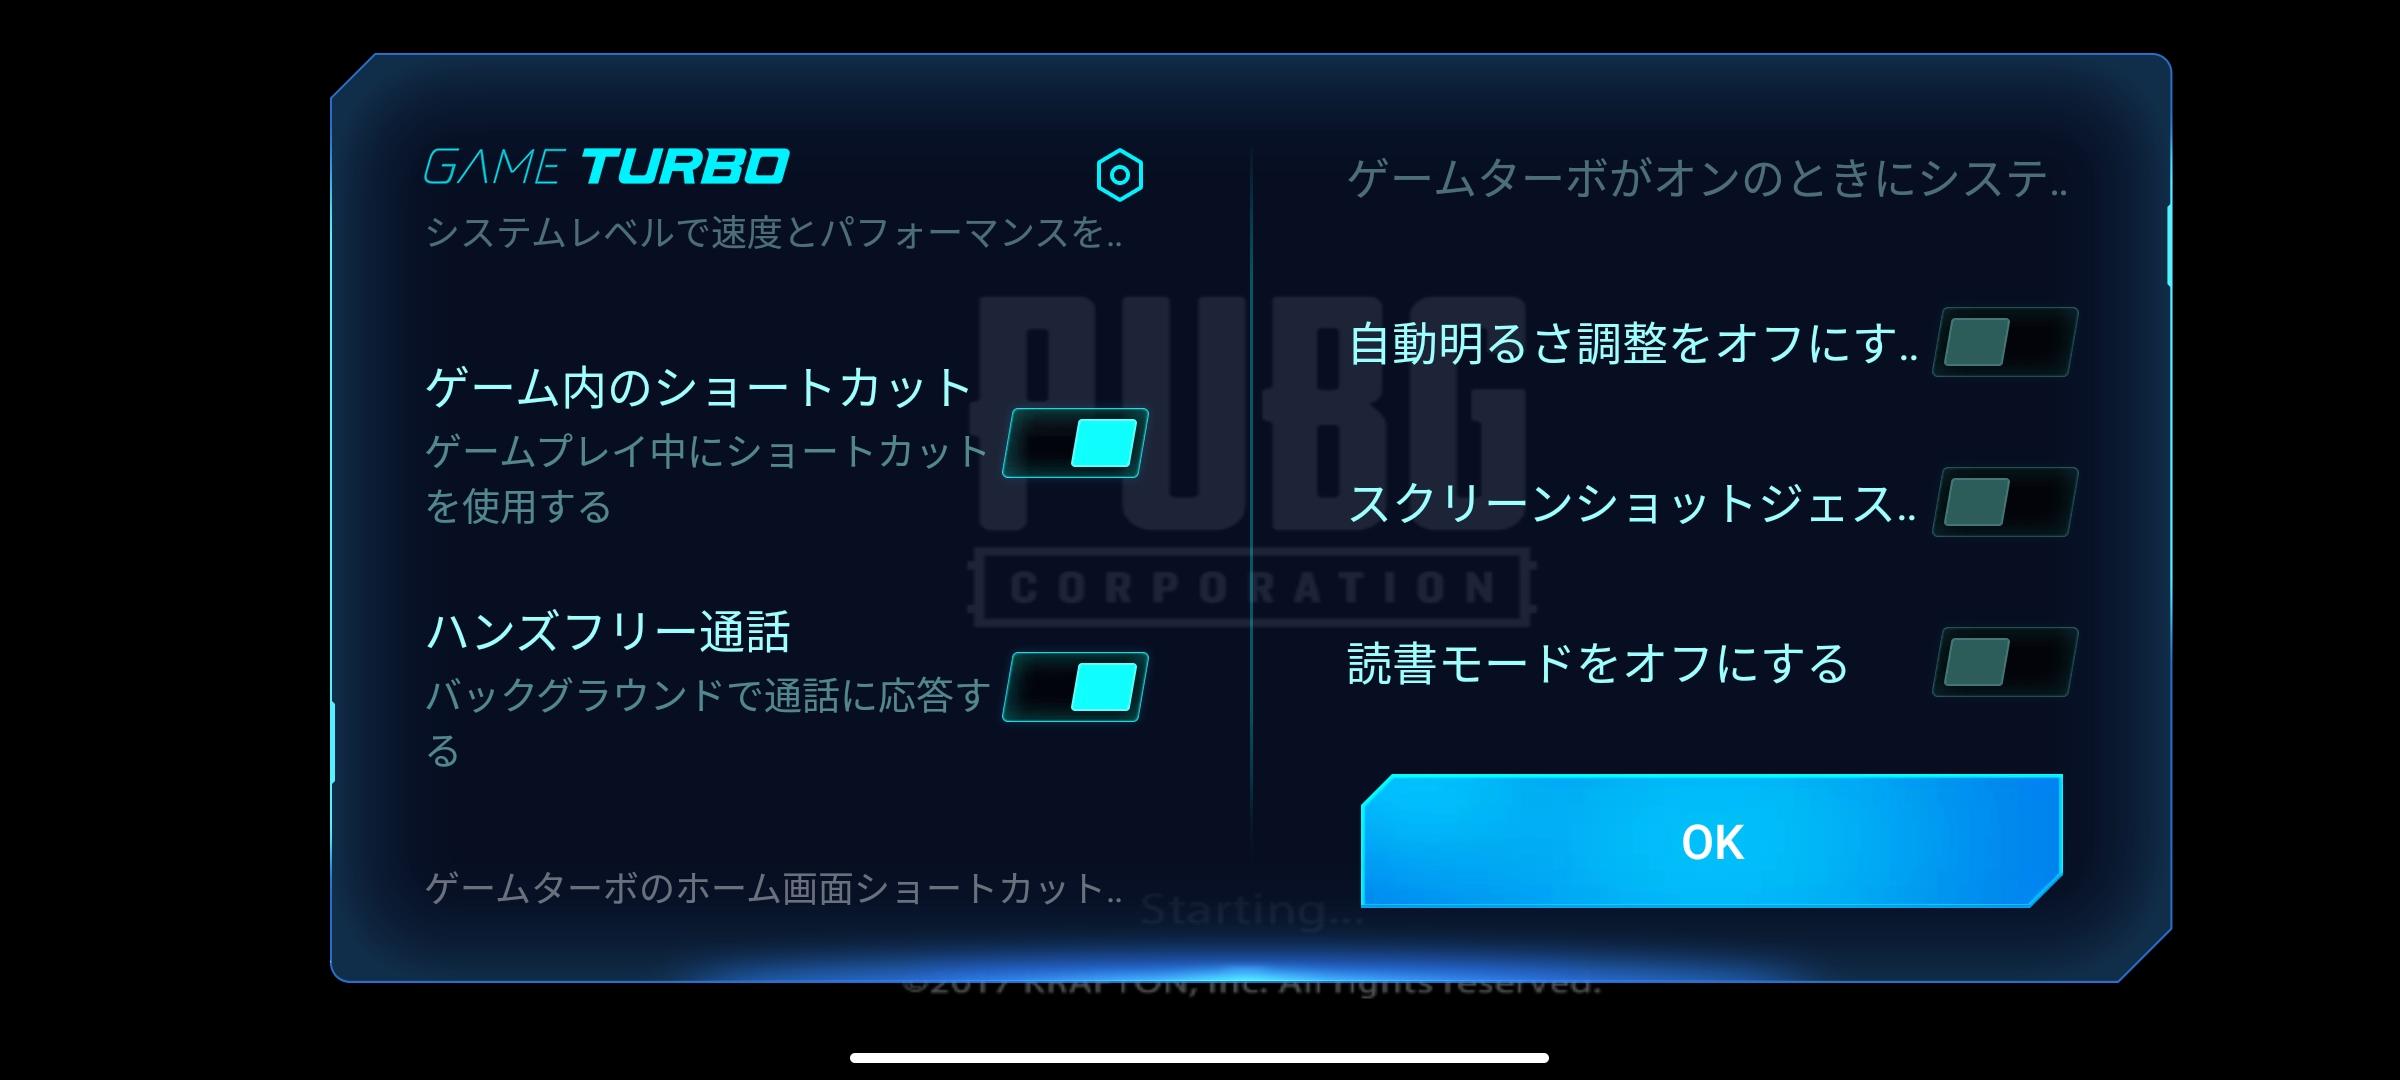 MIUIのゲームターボモード